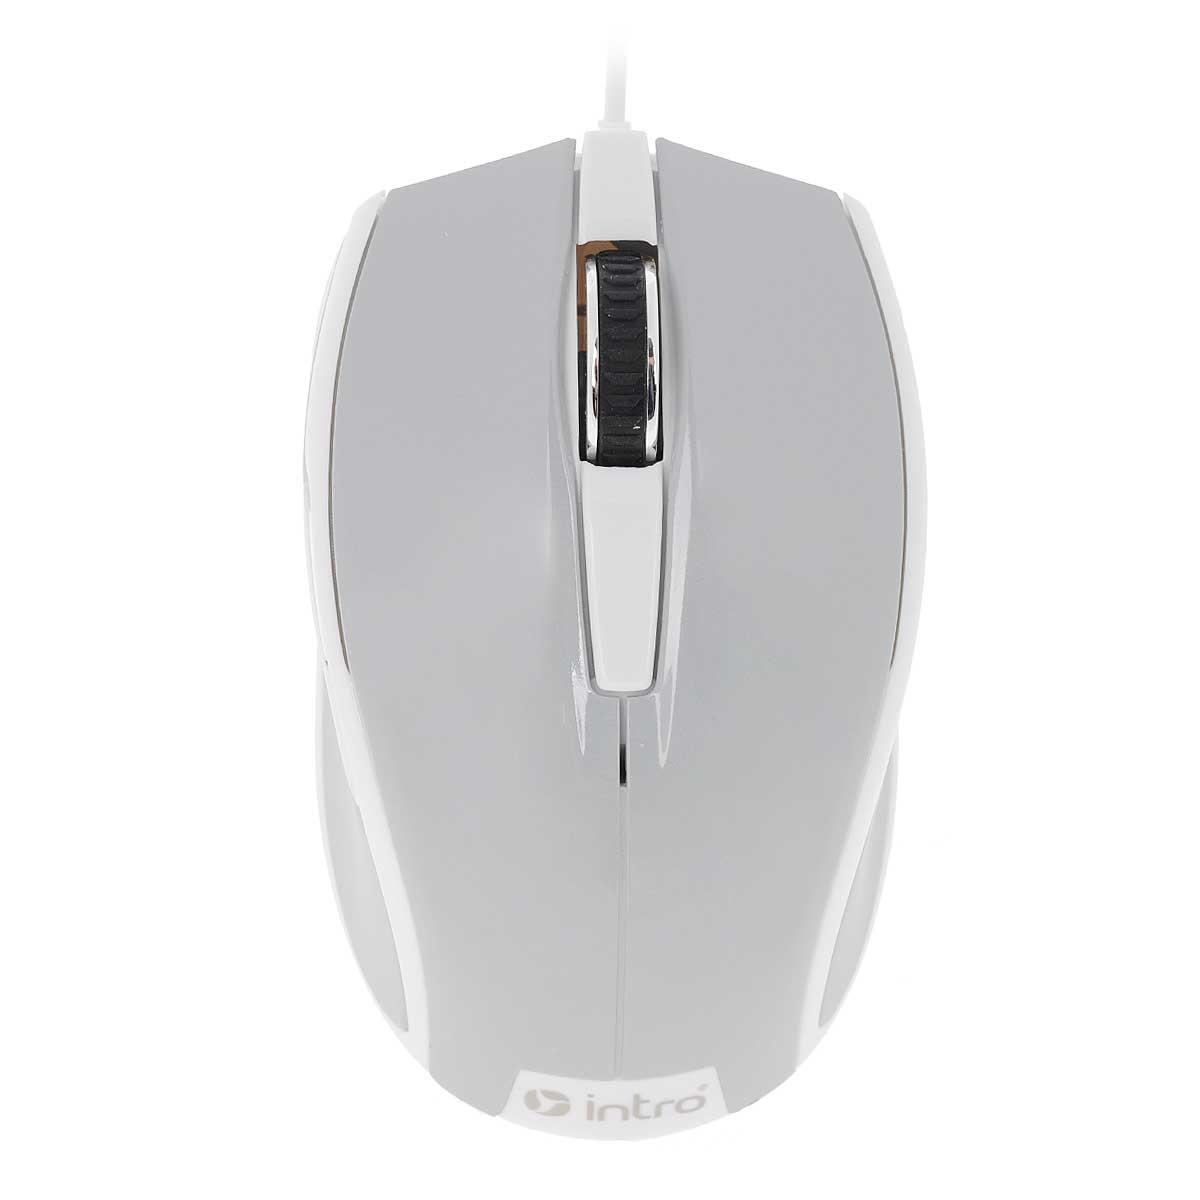 Мышь Intro MU104, Gray мышь intro mu190